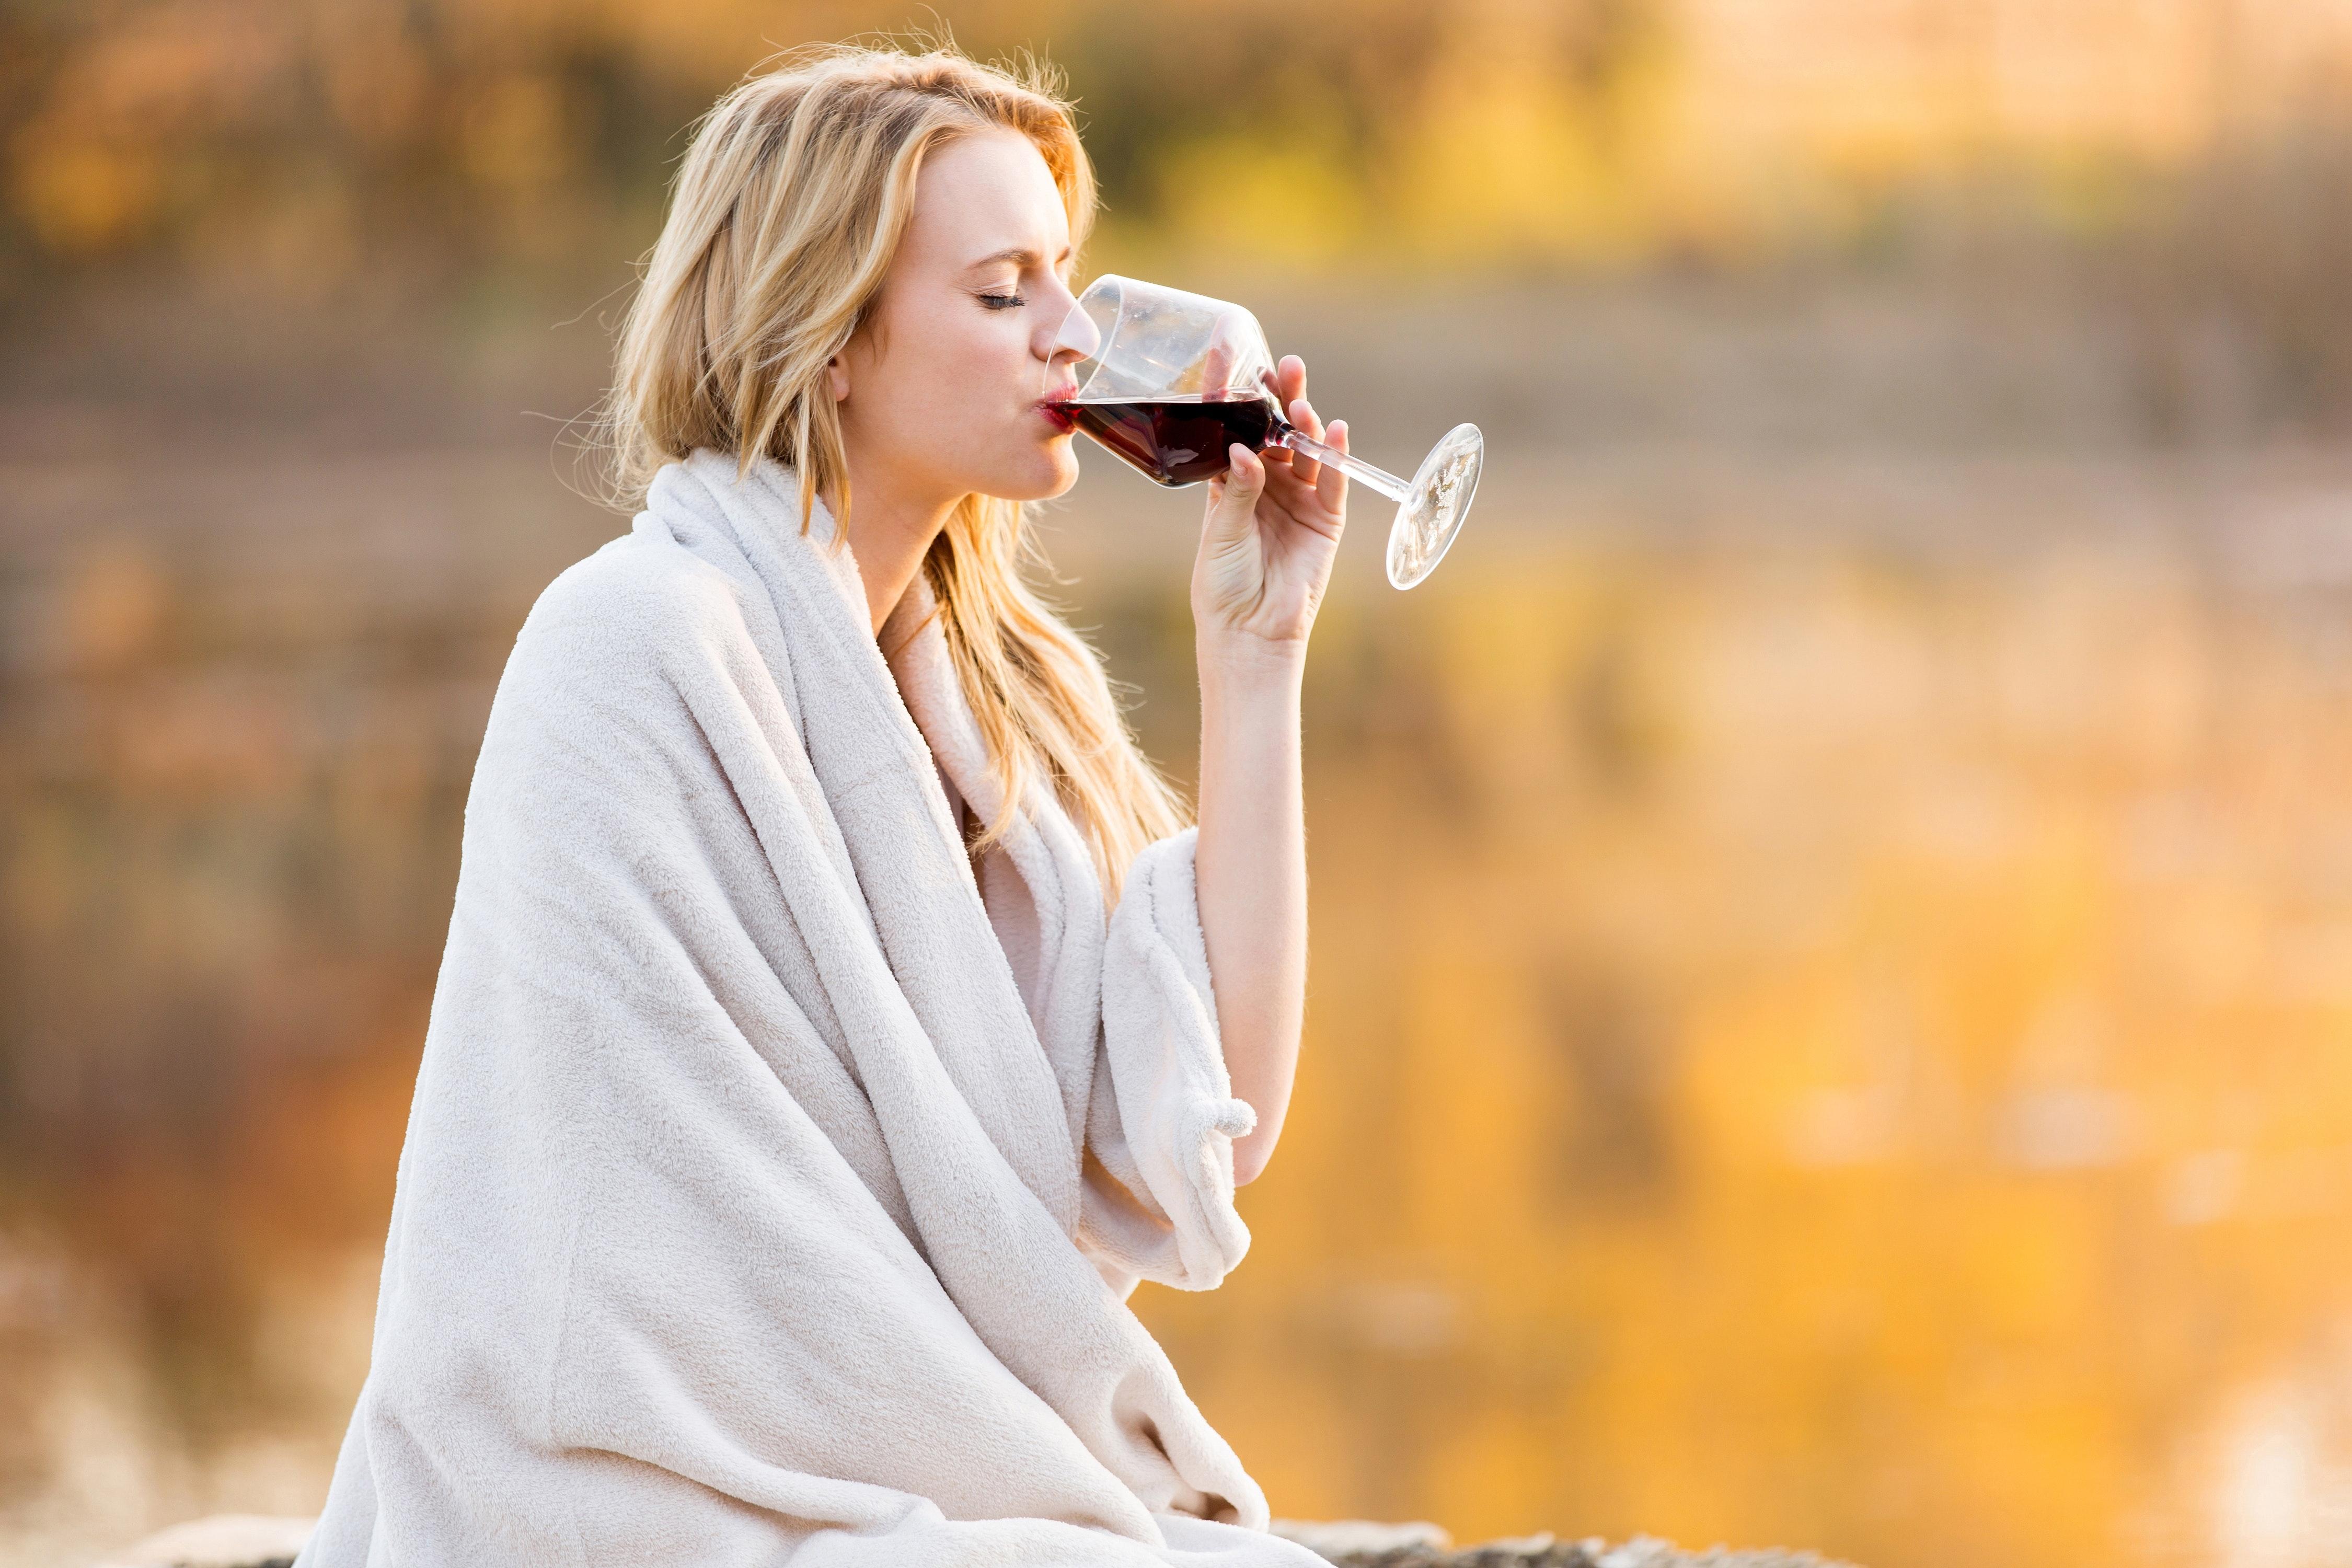 Kalorier i vin 🍷 - tjek kalorier i rødvin, hvidvin og rosé